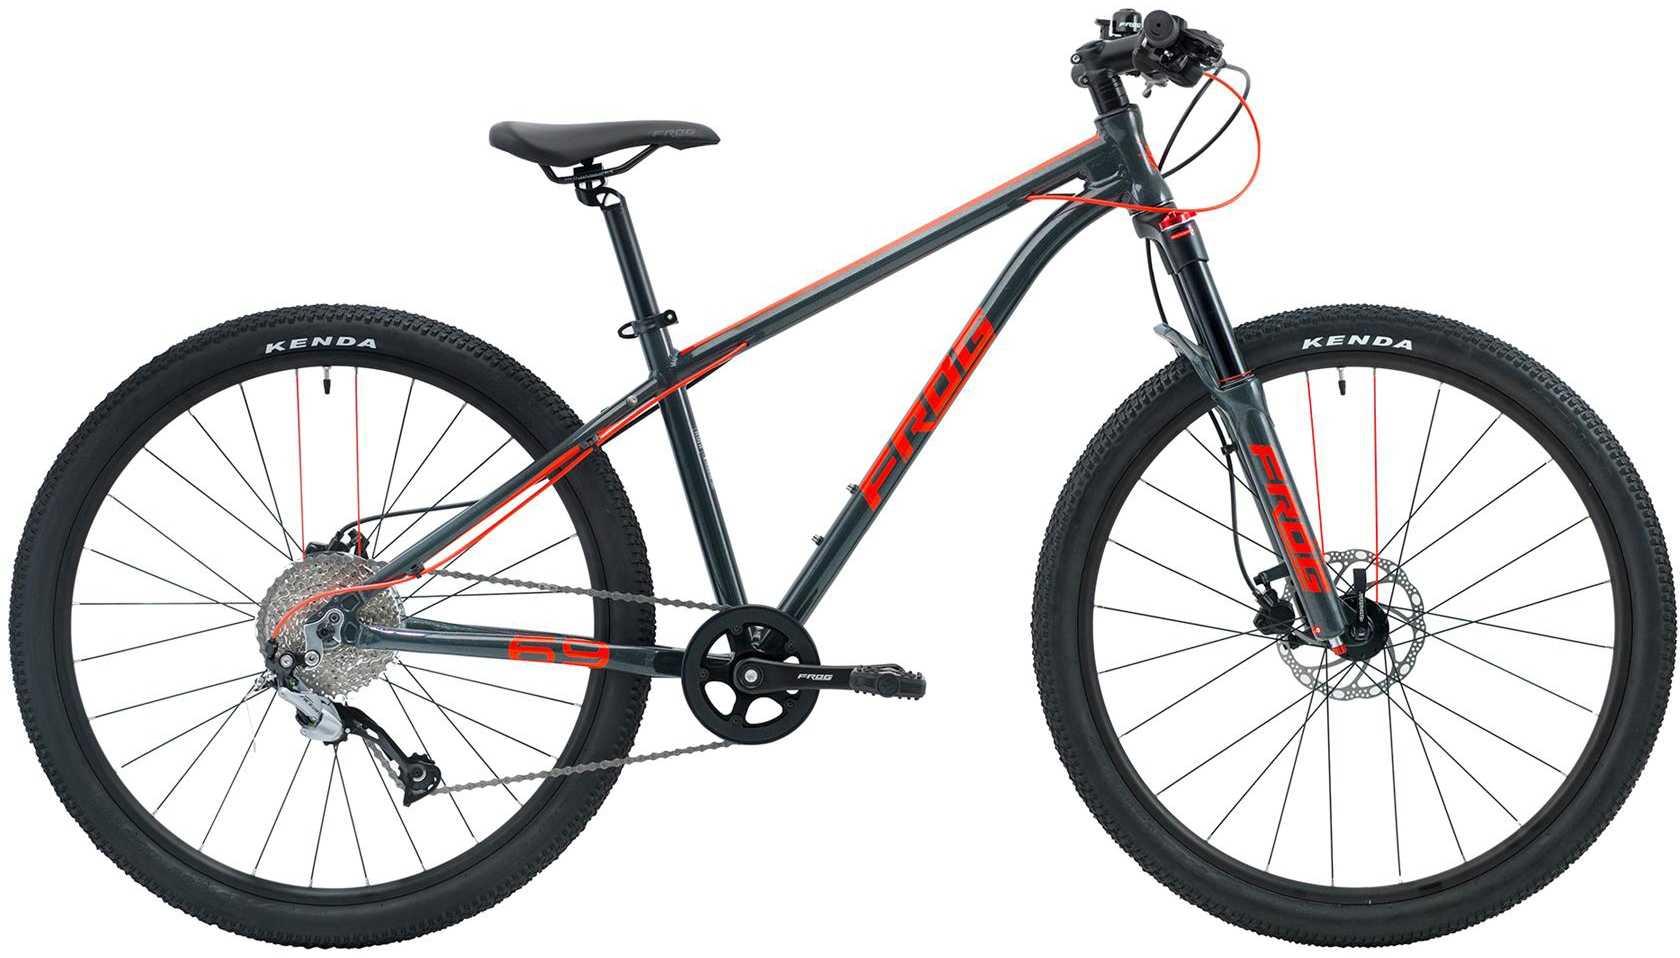 Frog MTB 69 grå metallic/neonröd | Mountainbikes